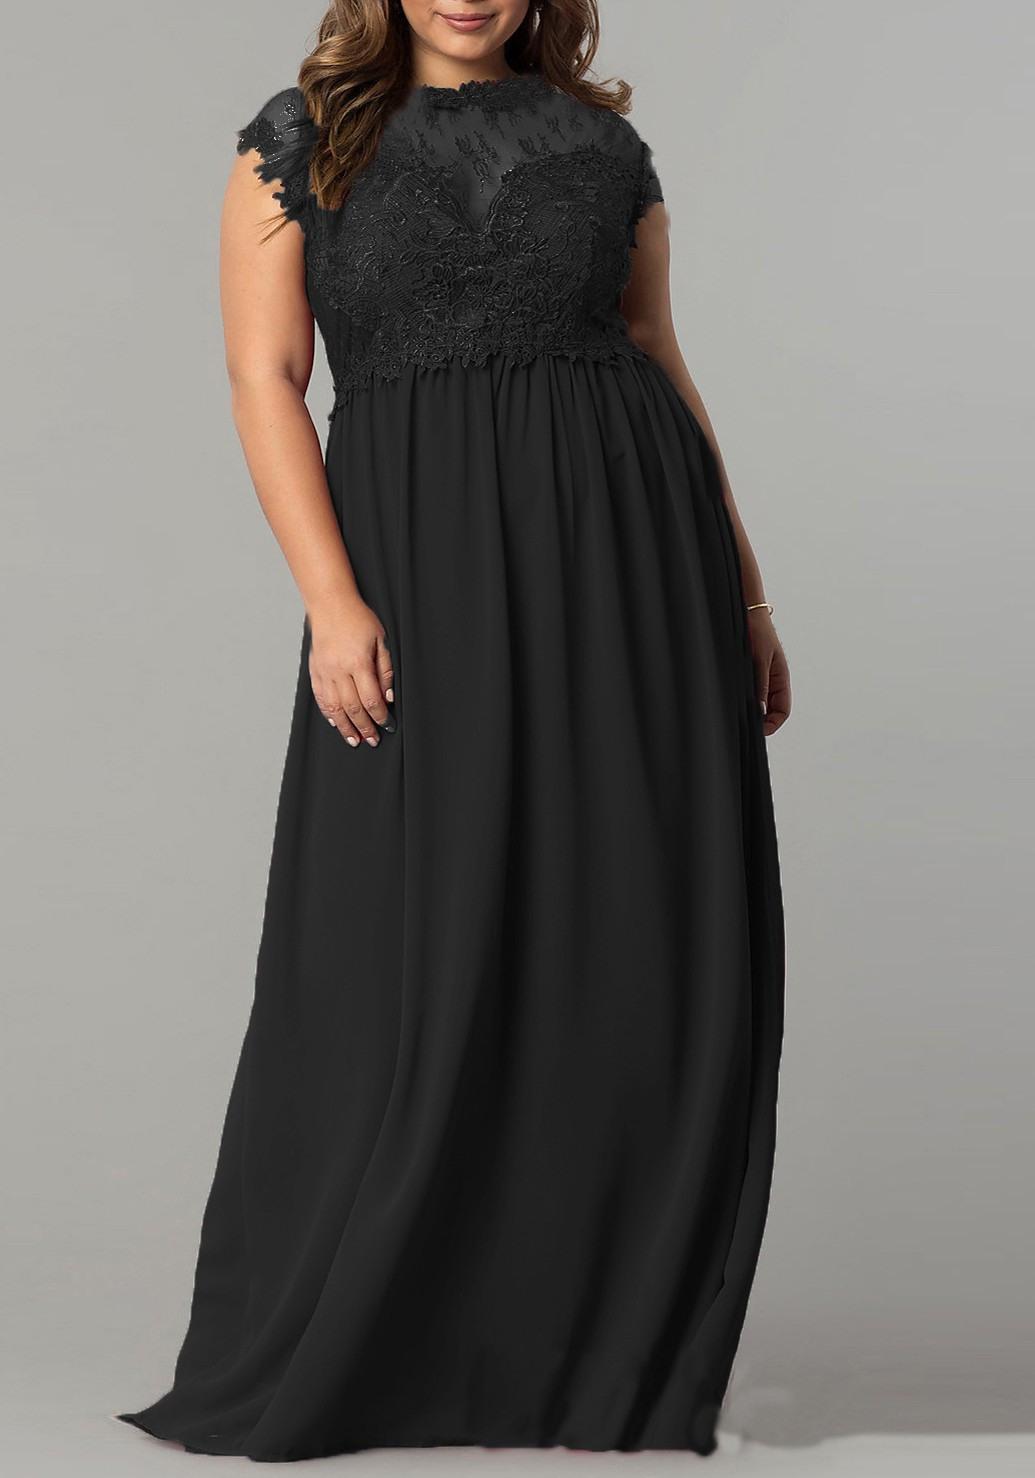 10 schön elegante maxikleider für hochzeit Ärmel - abendkleid